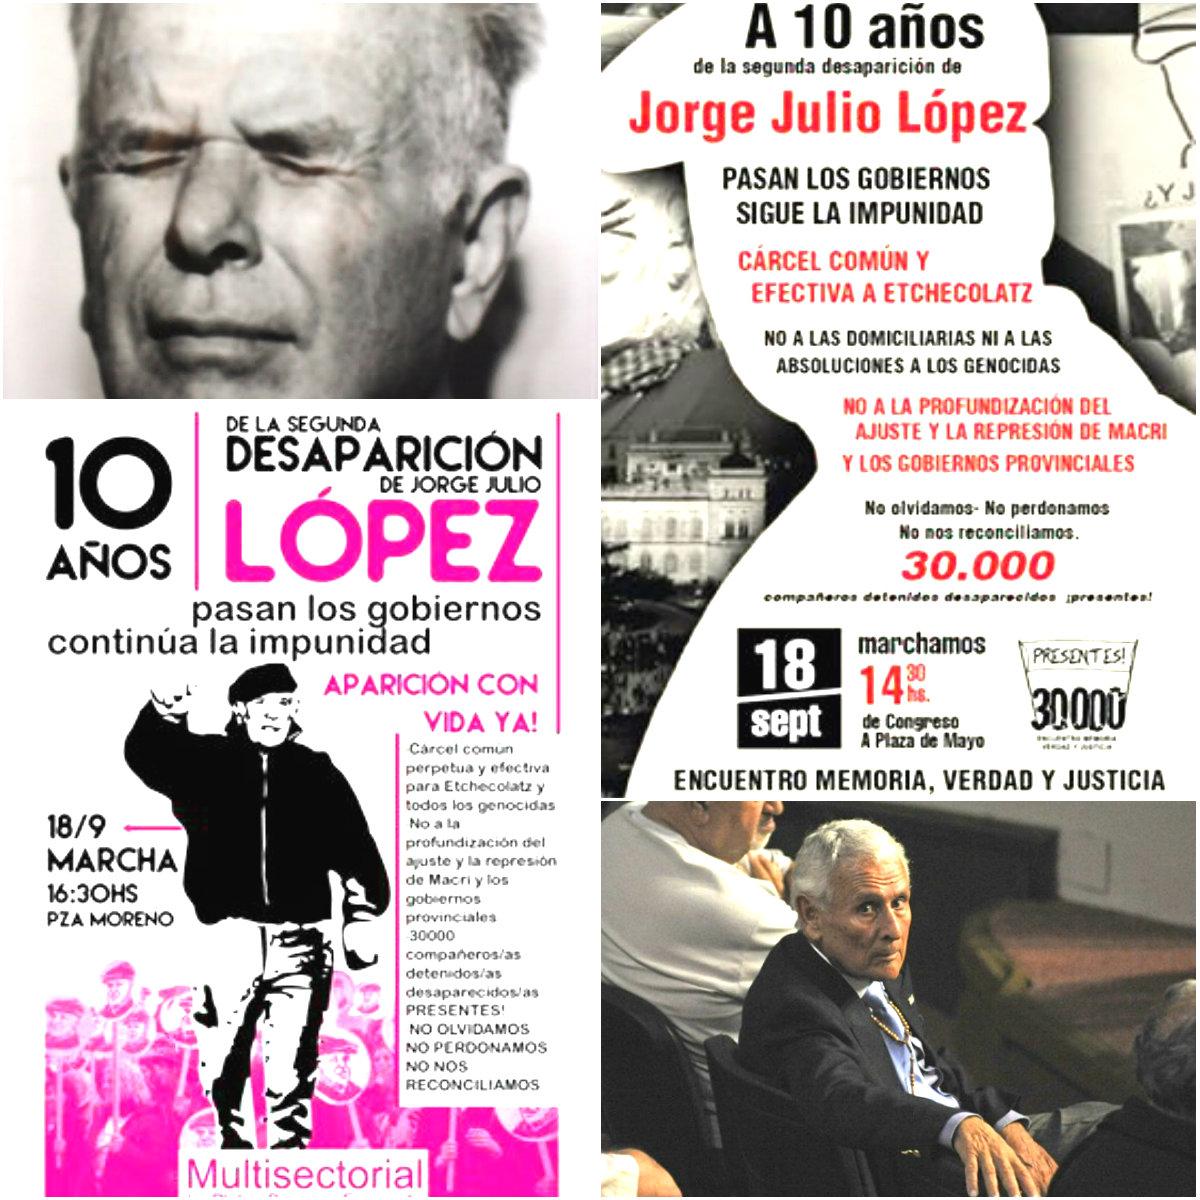 ¡A marchar por Julio López!